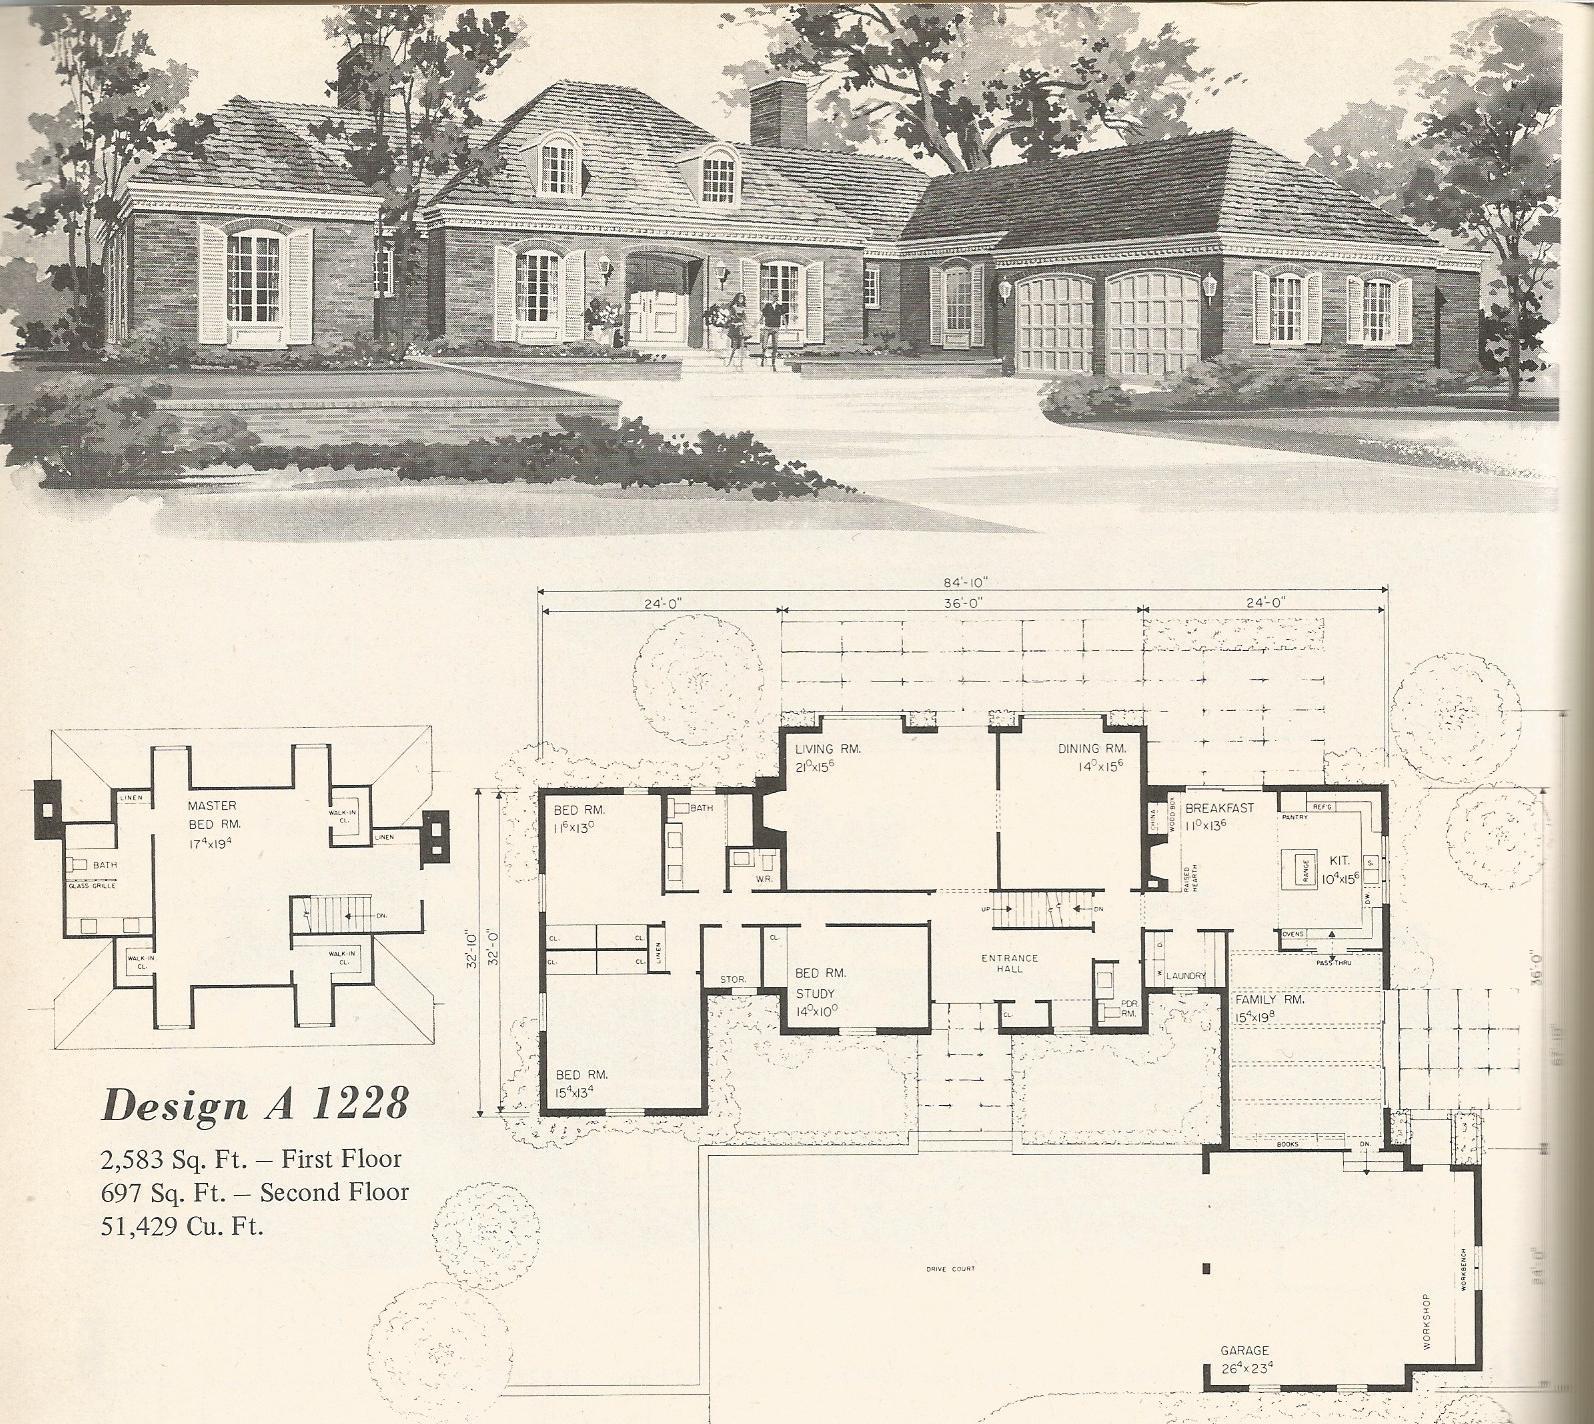 Vintage home plans country estates 1228 antique alter ego for Country estate home plans